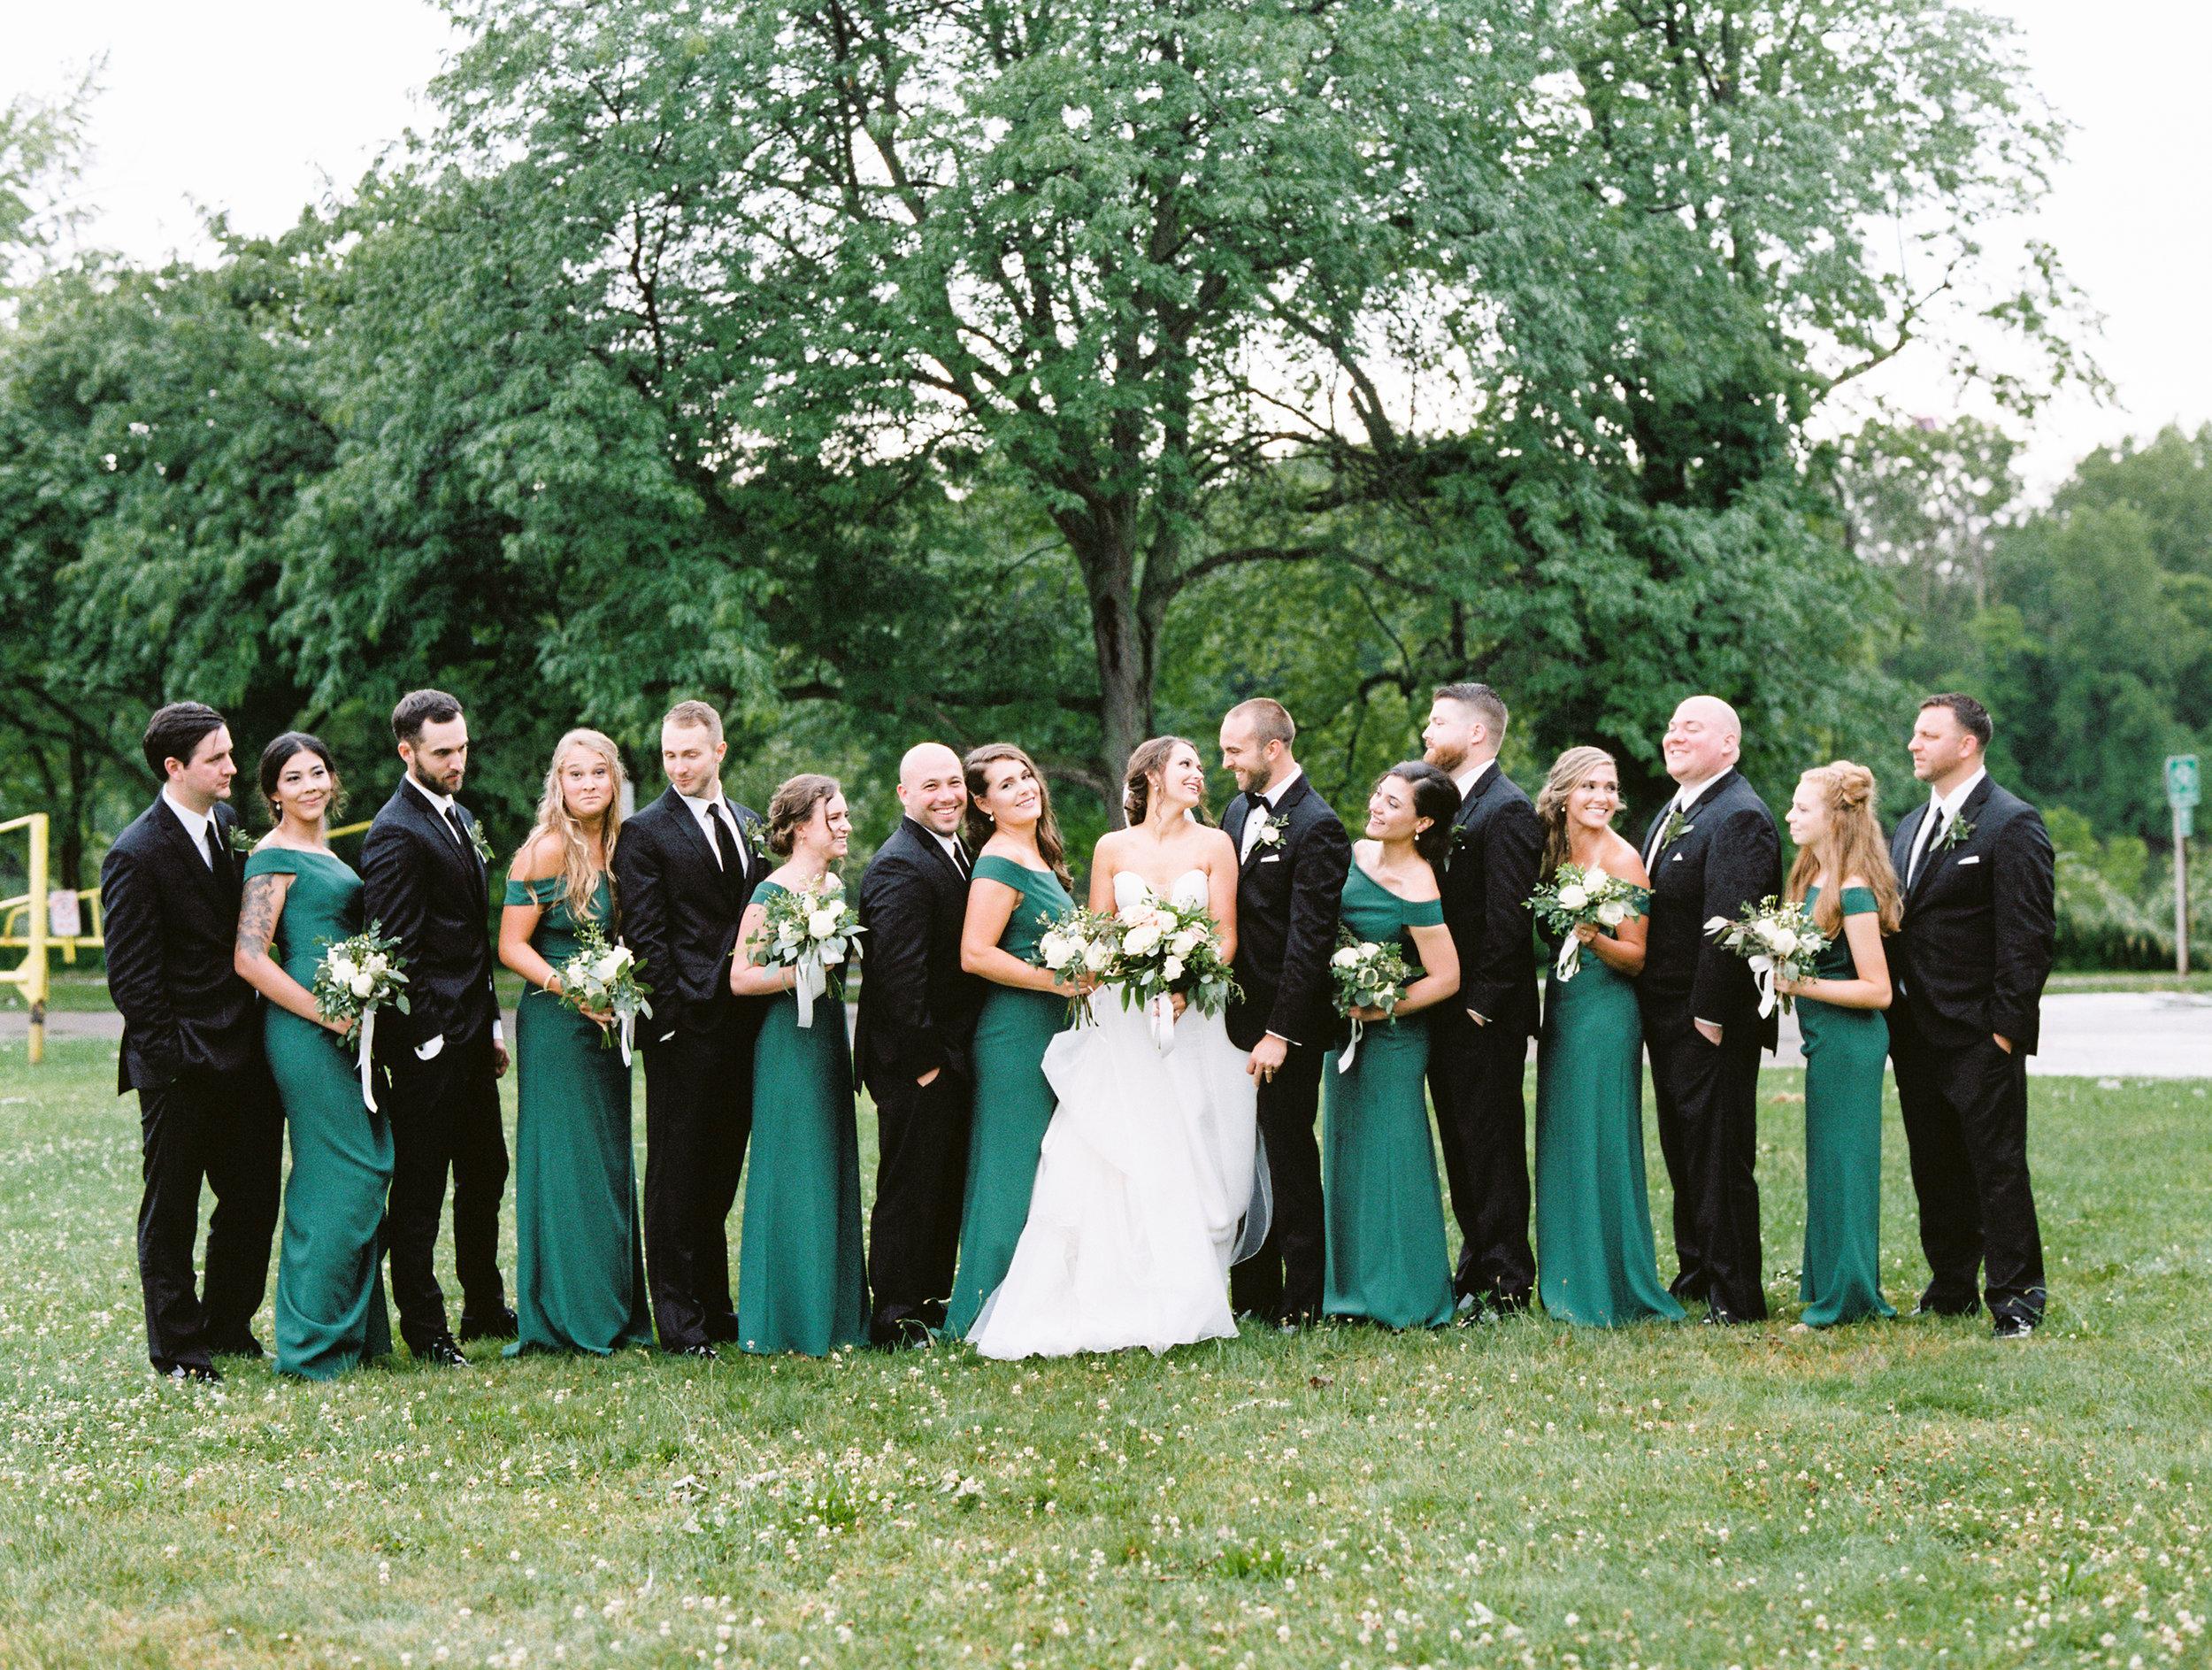 Steiner+Wedding+Bridal+Party-72.jpg